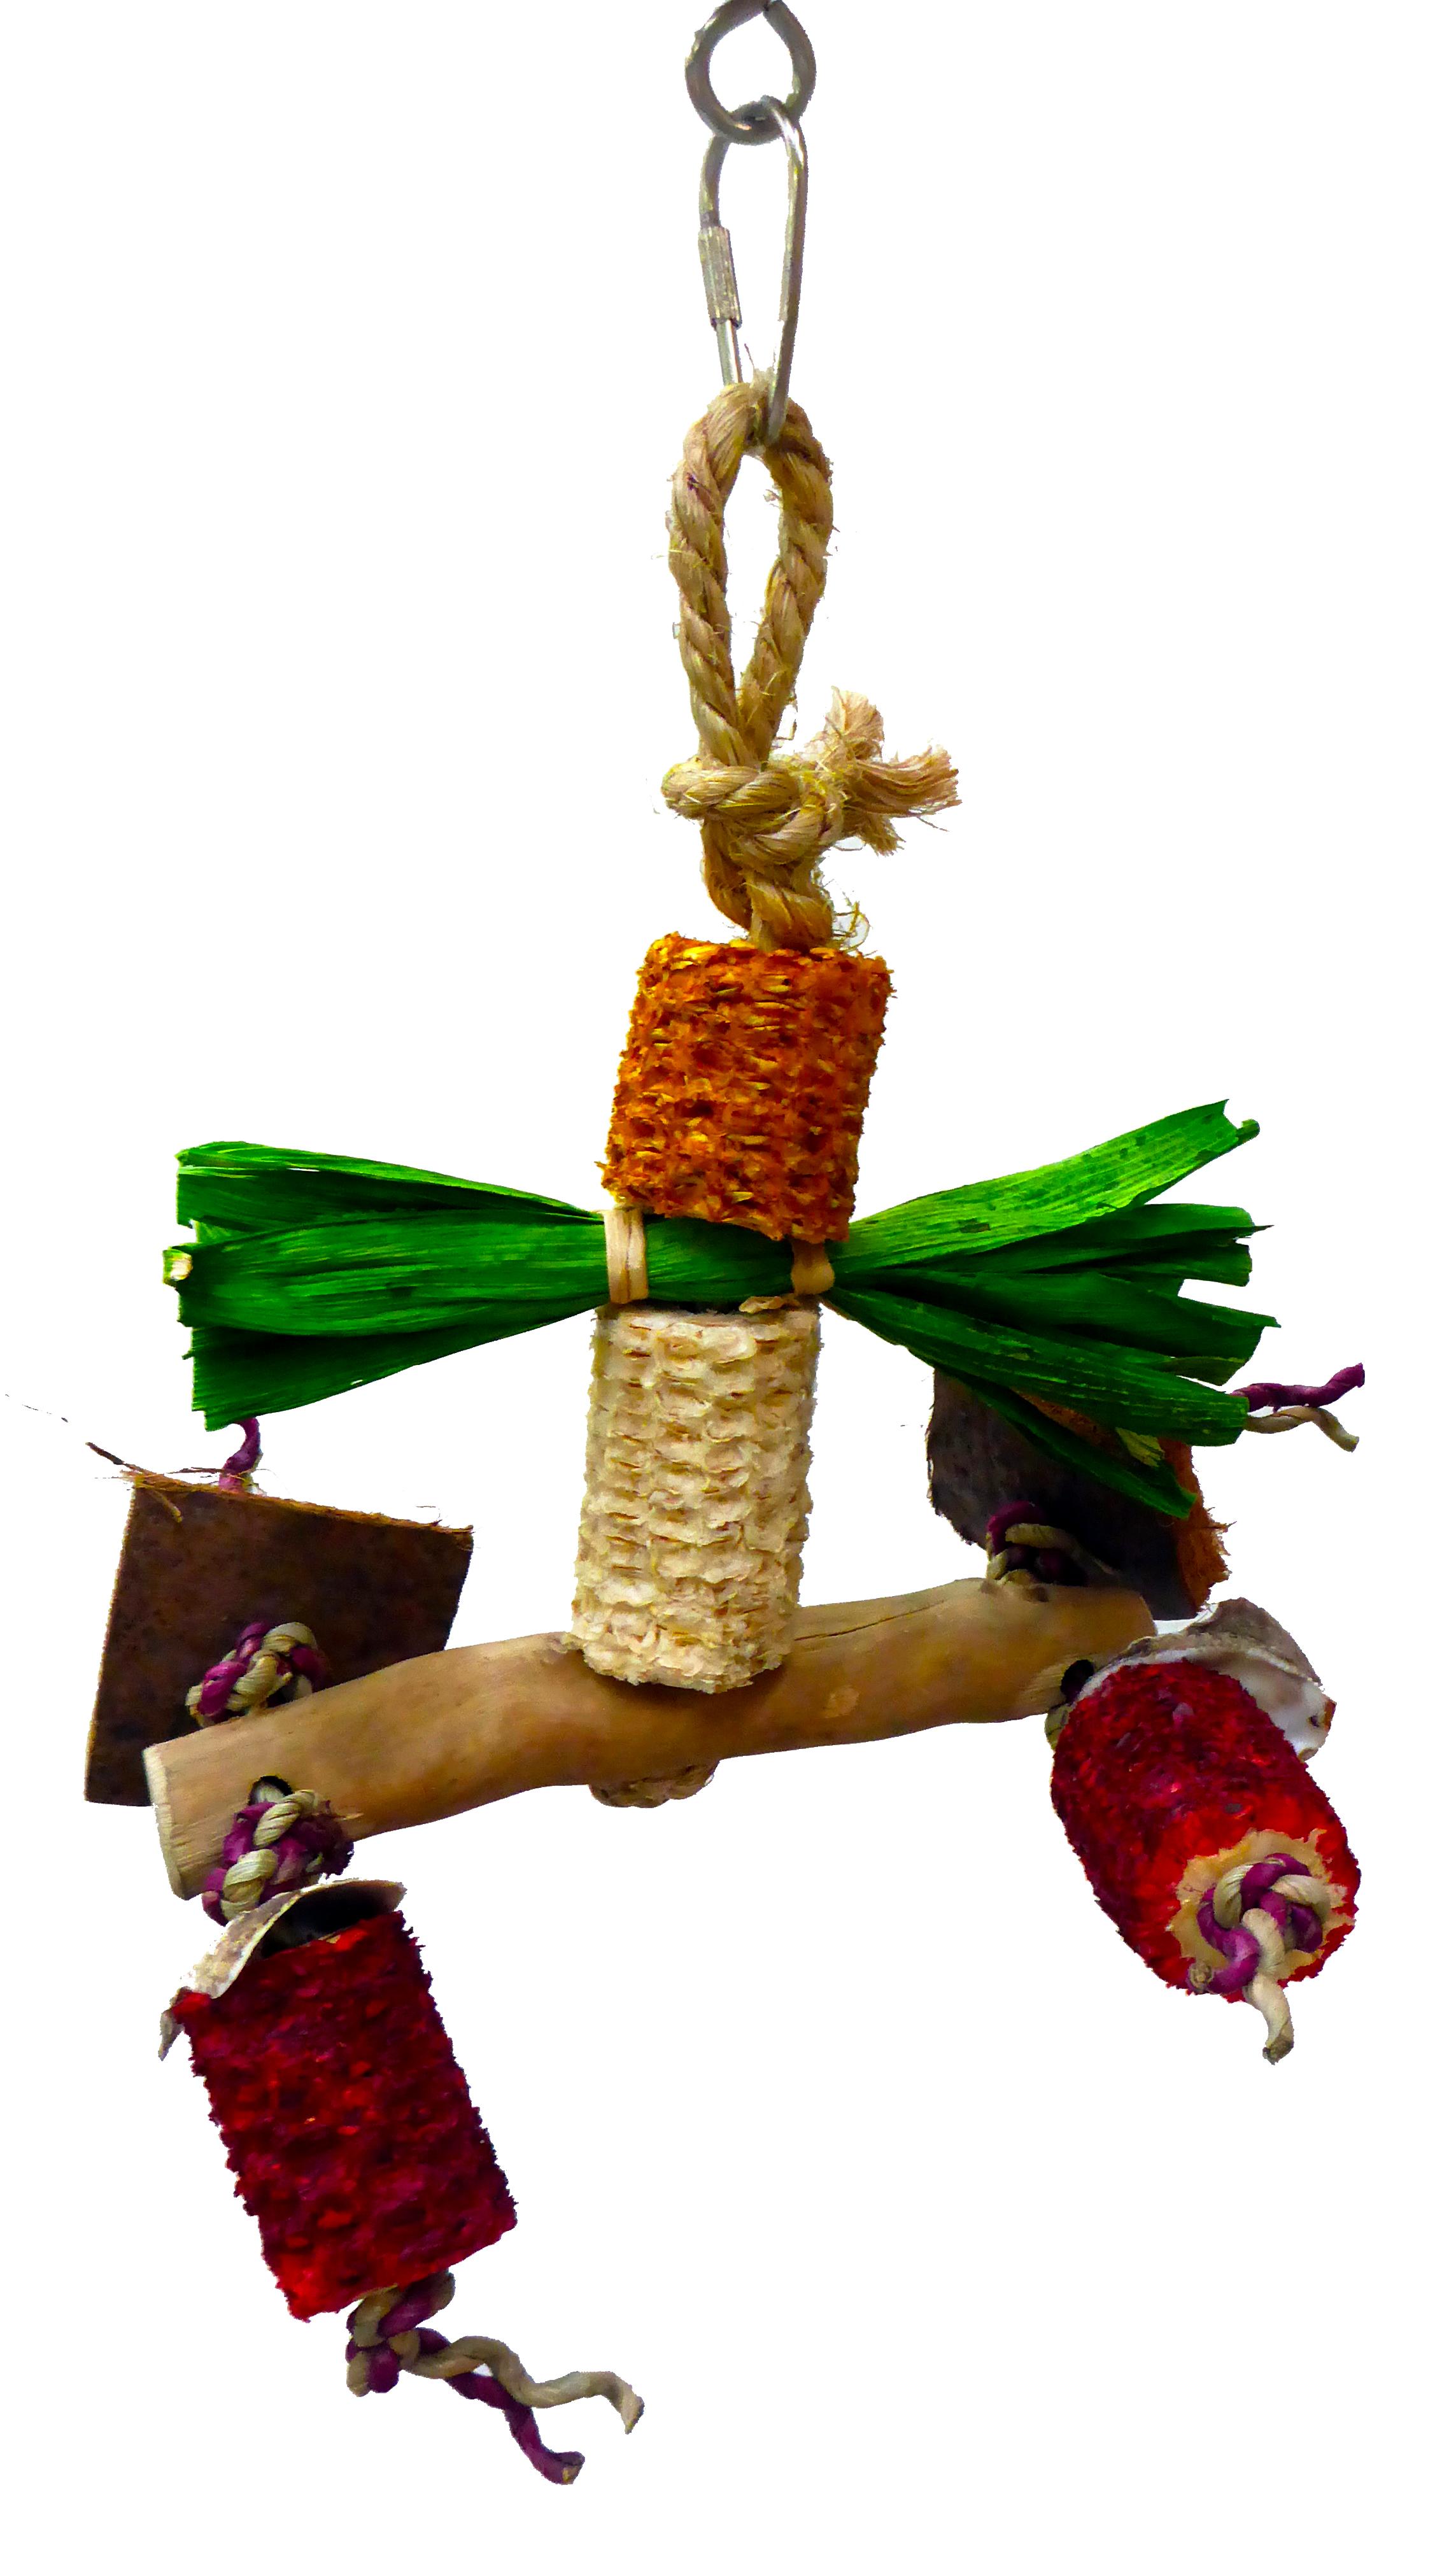 Игрушка для птиц SKY Adventure Bound Corn Dongle, 25 х 12 см